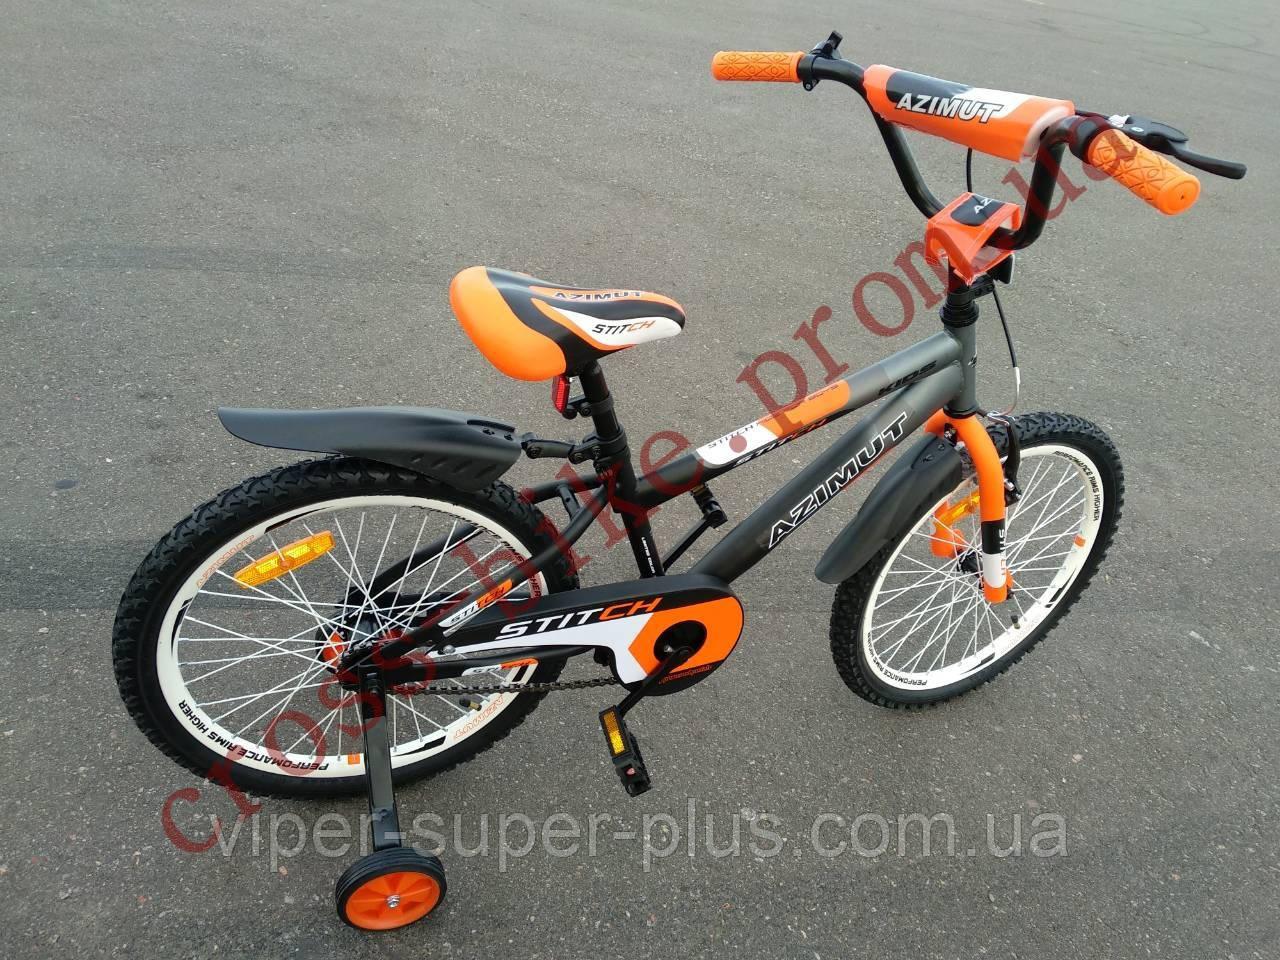 Детский двухколесный велосипед Азимут Стич  Stitch A 18 дюймов